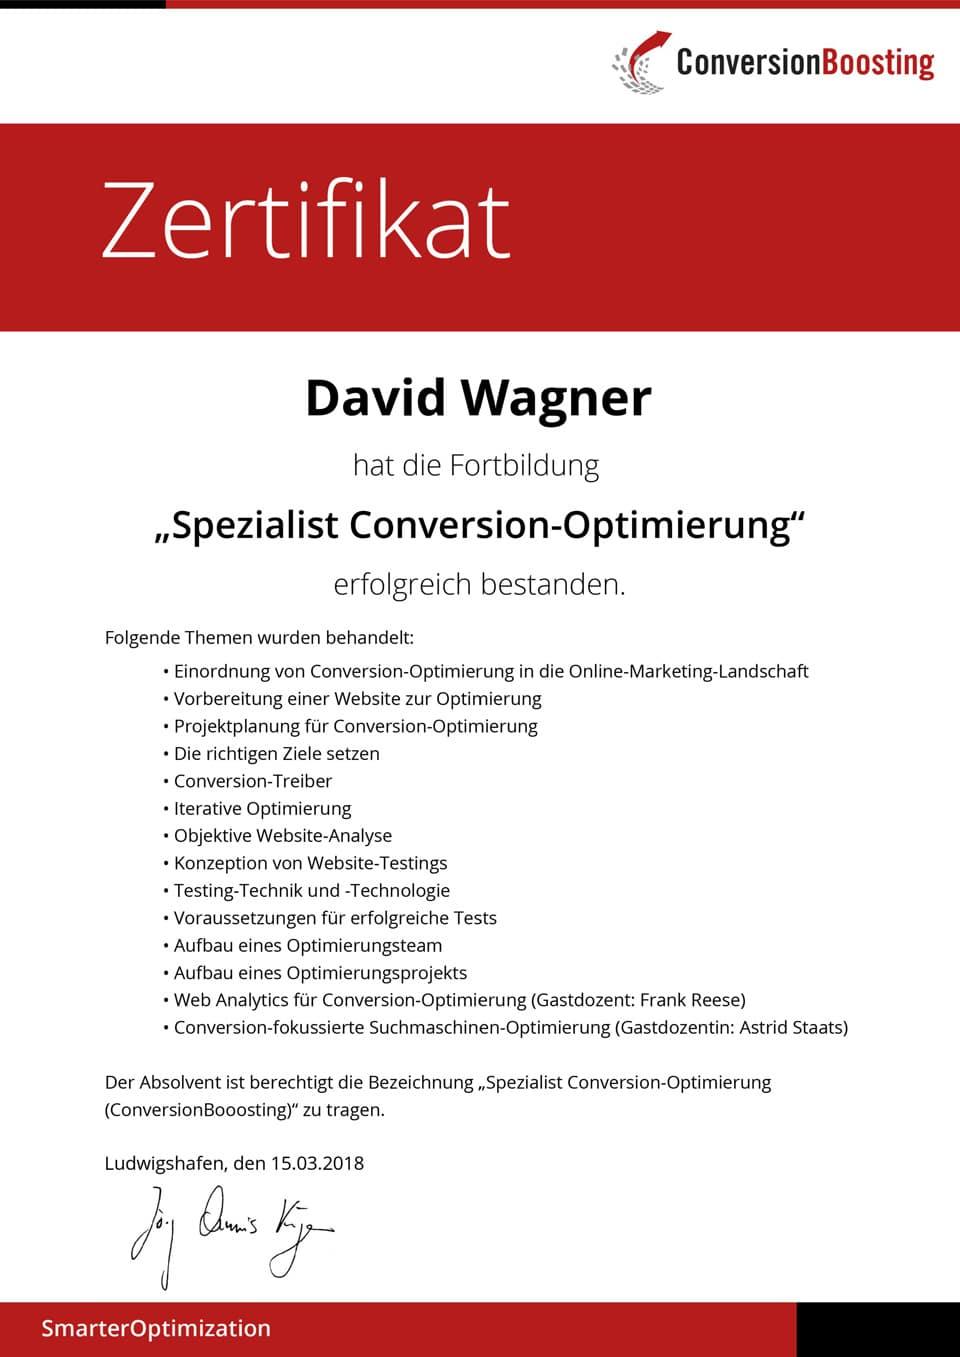 Spezialist Conversion-Optimierung - Zertifikat